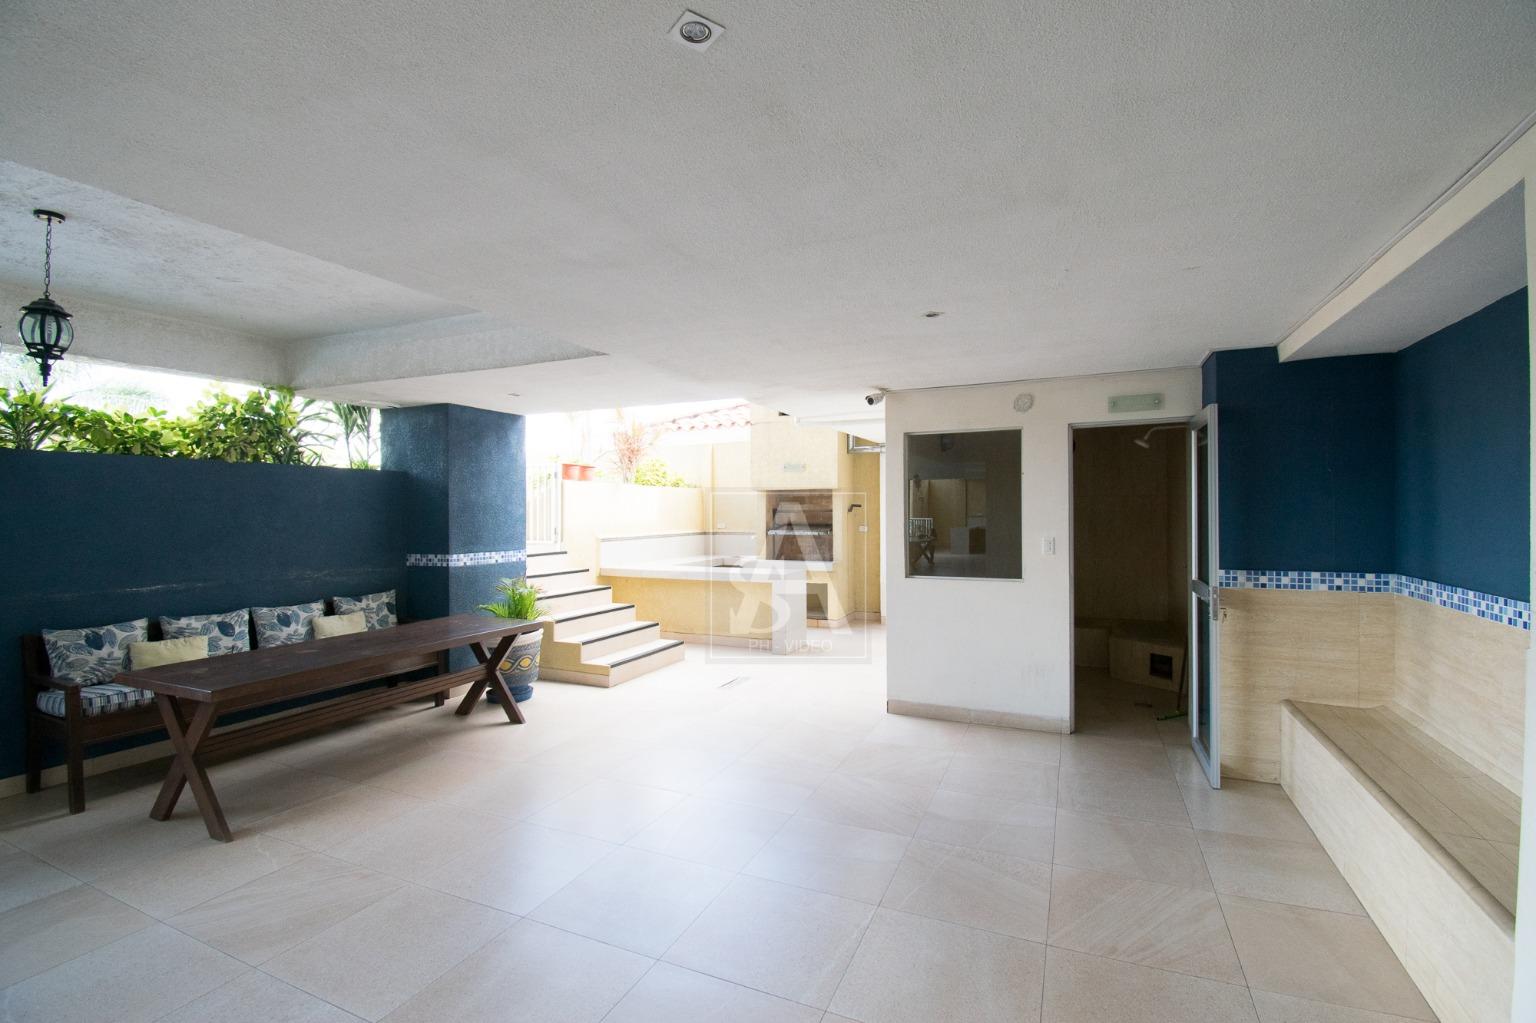 Departamento en Venta DEPARTAMENTO EN VENTA - CONDOMINIO PLAZA GUAPAY - 166.60 m². - AV. GUAPAY Foto 23